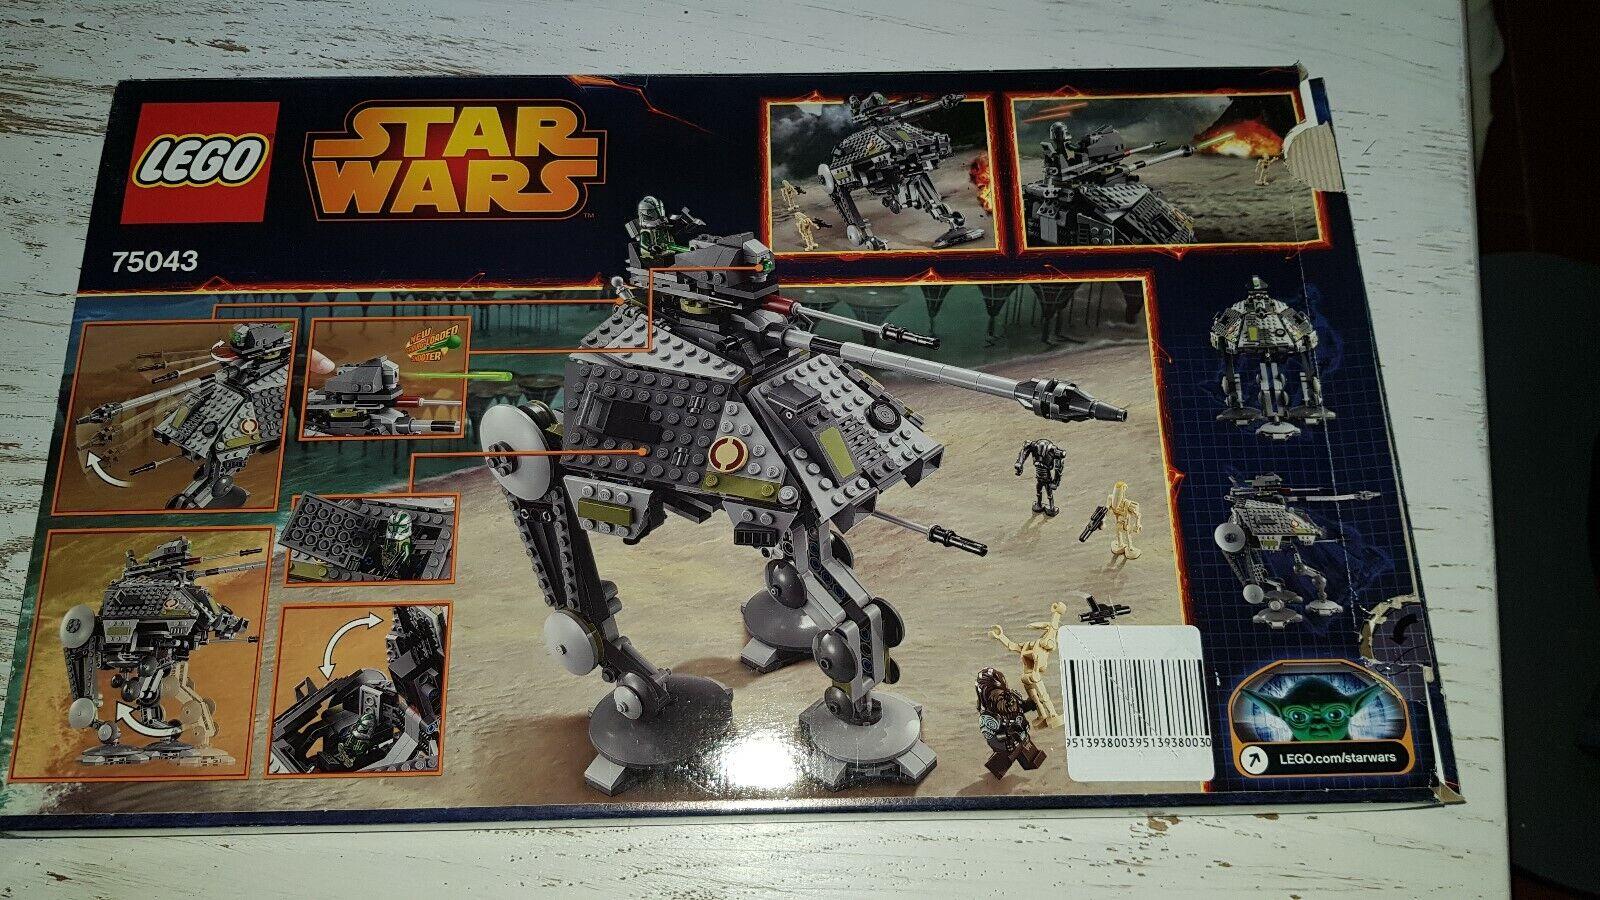 Lego Star Wars 75043 inkl. Bauanleitungen und OVP.....